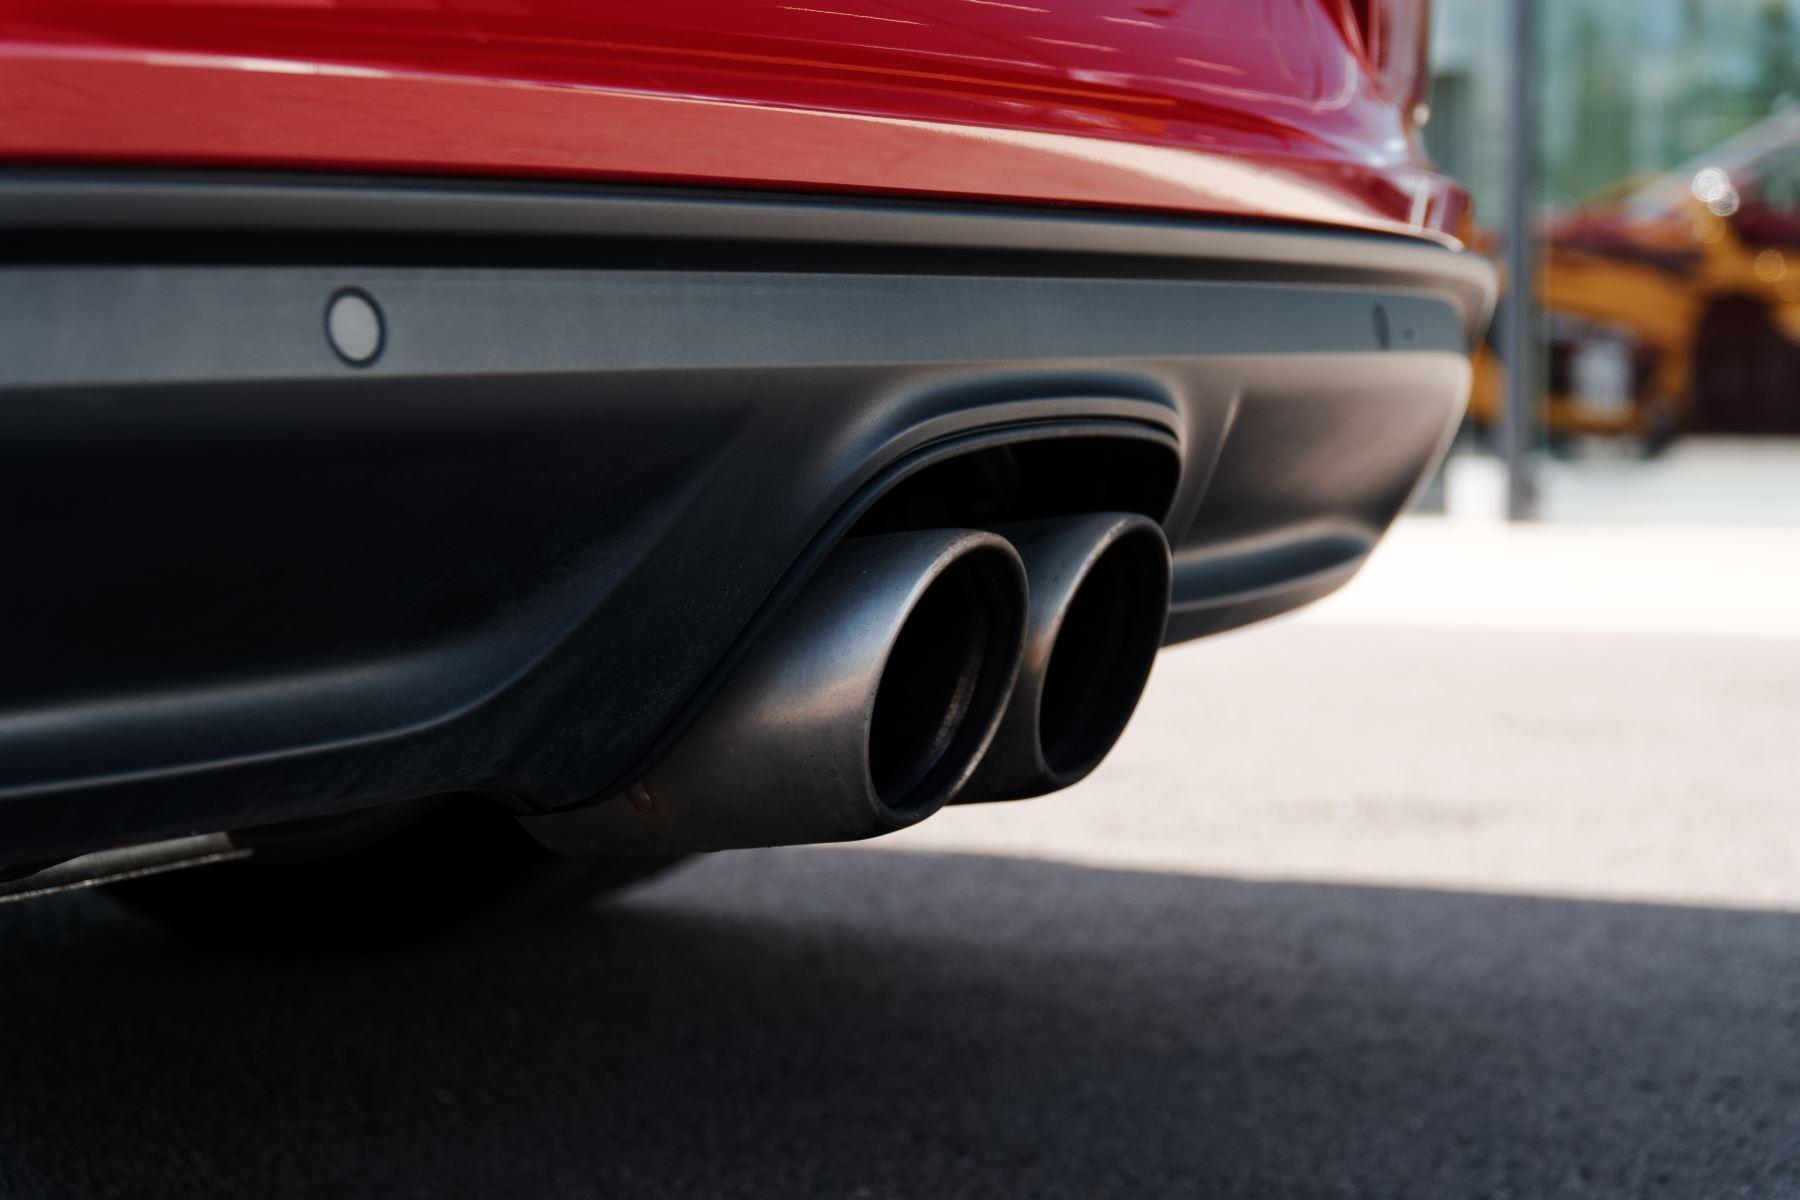 Porsche Boxster S image 41